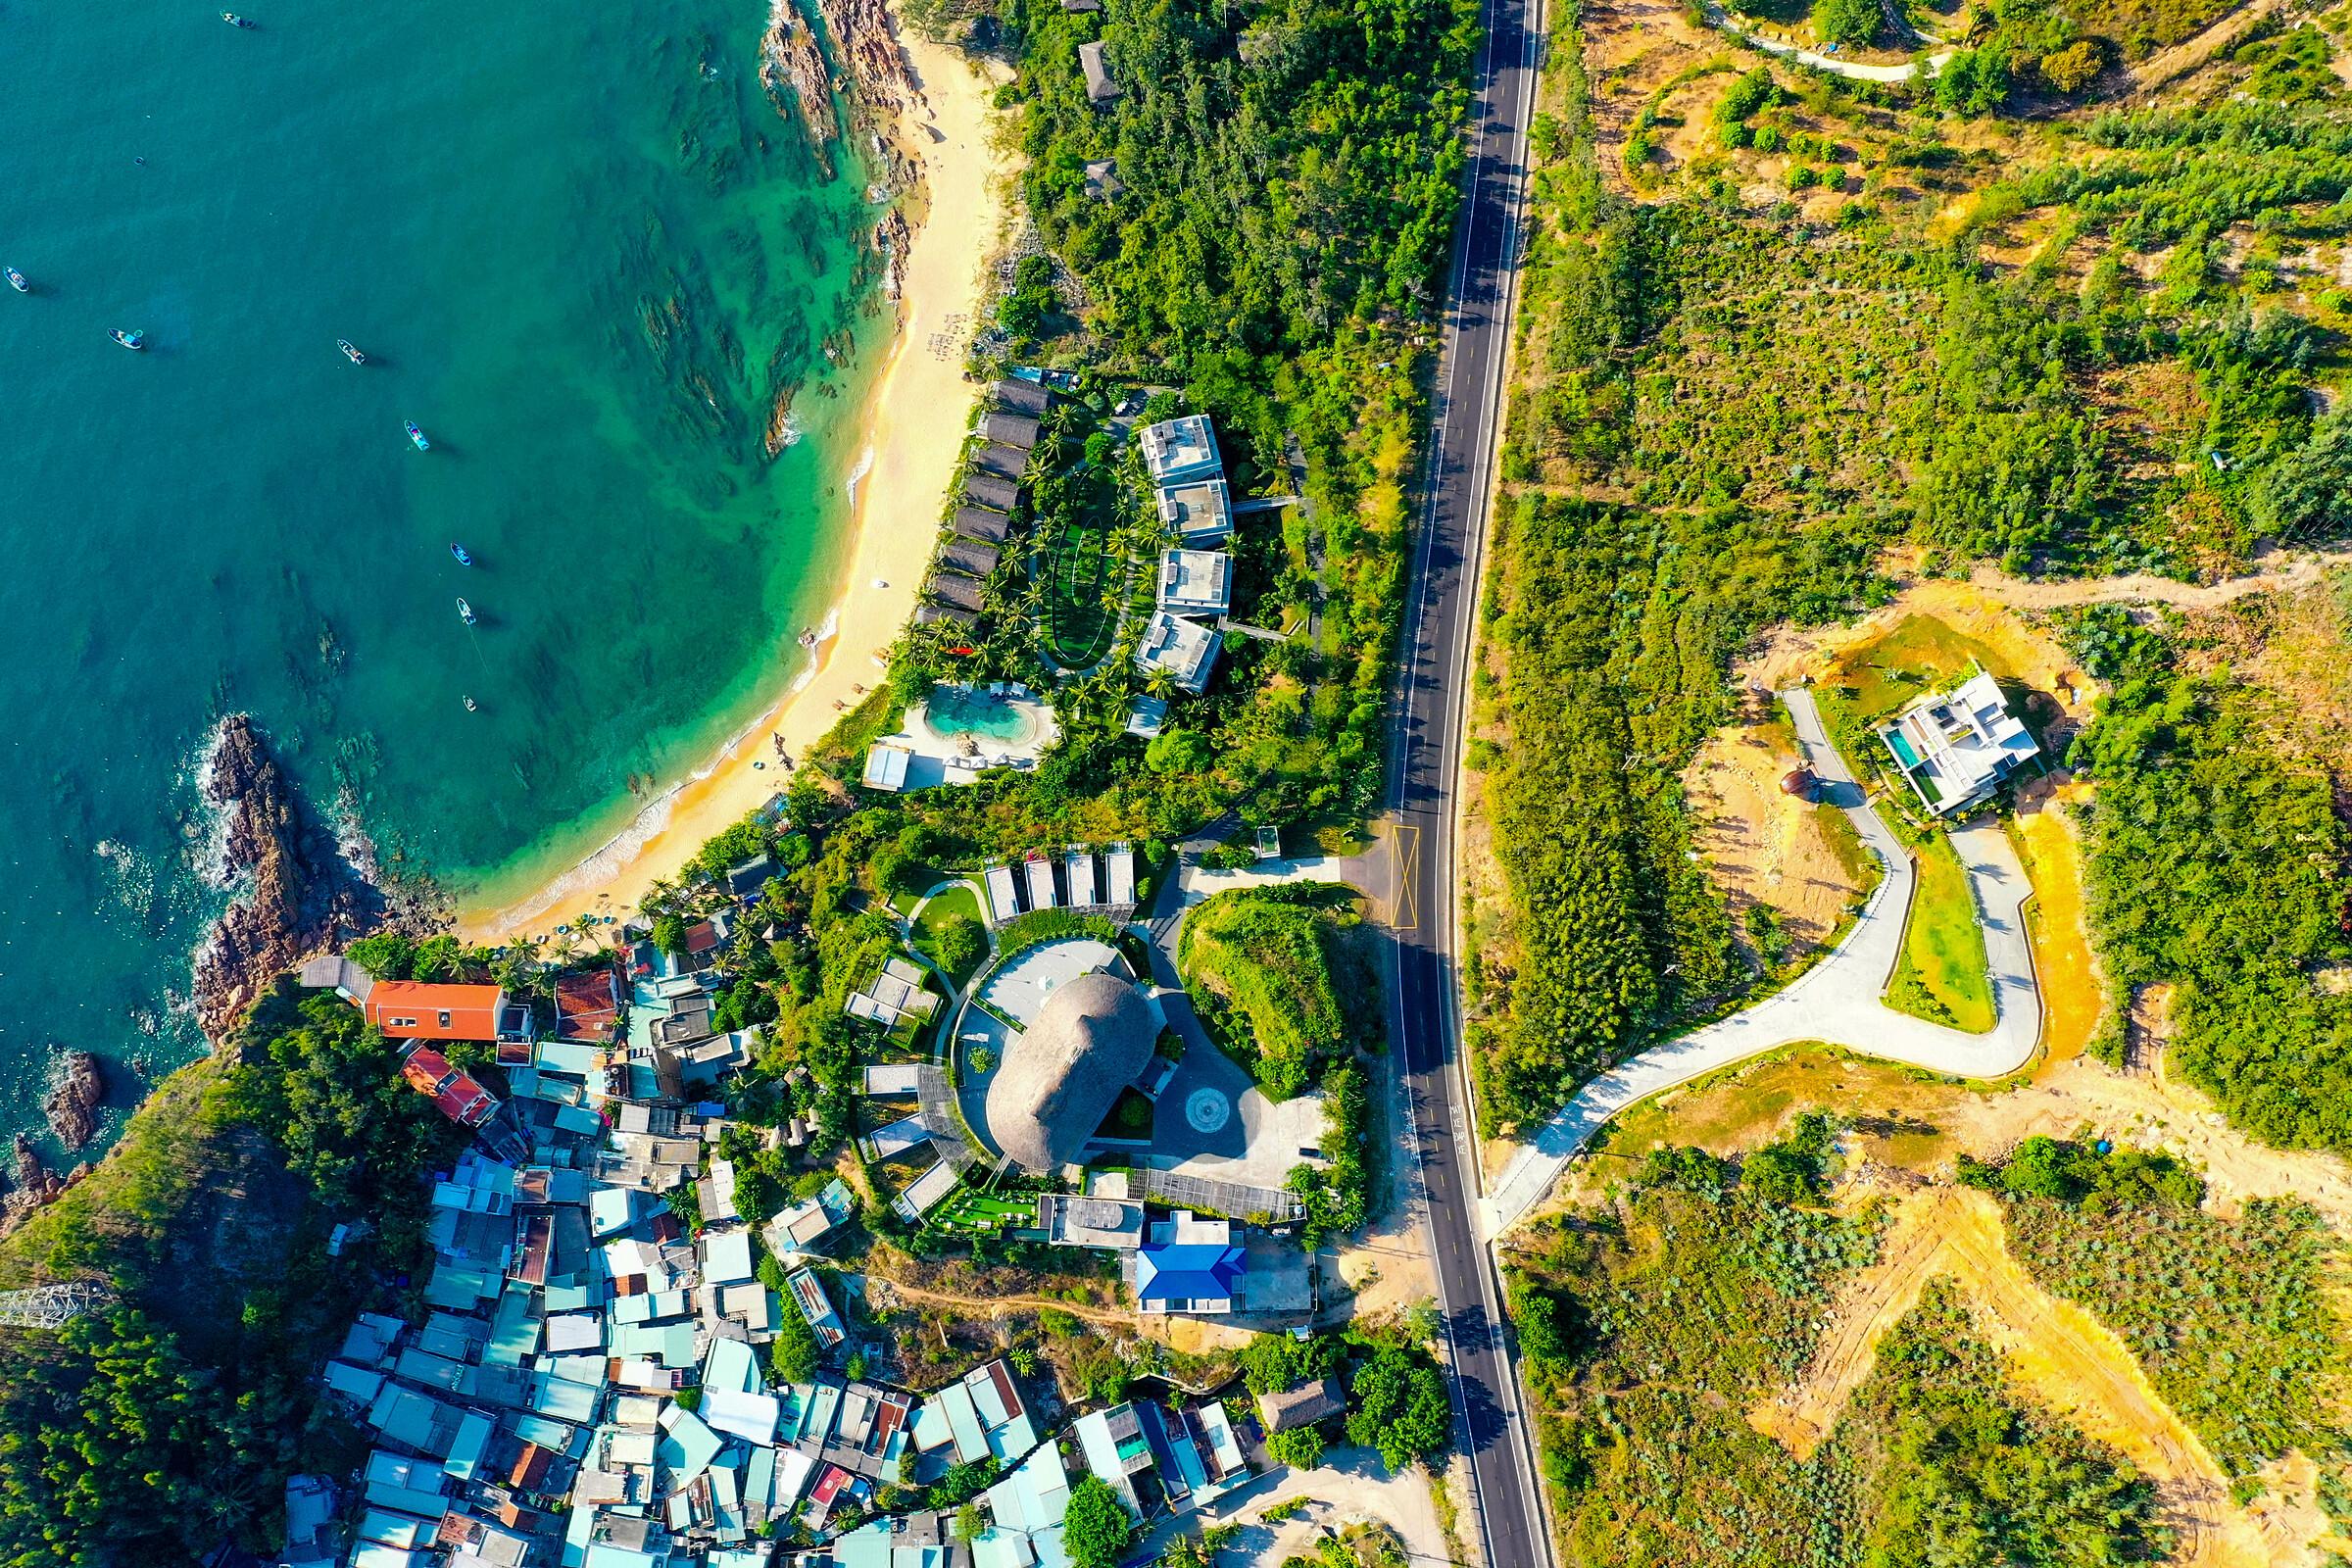 Hạ tầng đang được đầu tư hoàn thiện tại Quy Nhơn để đón đầu làn sóng của biệt thự nghỉ dưỡng. Ảnh: BCG Land.